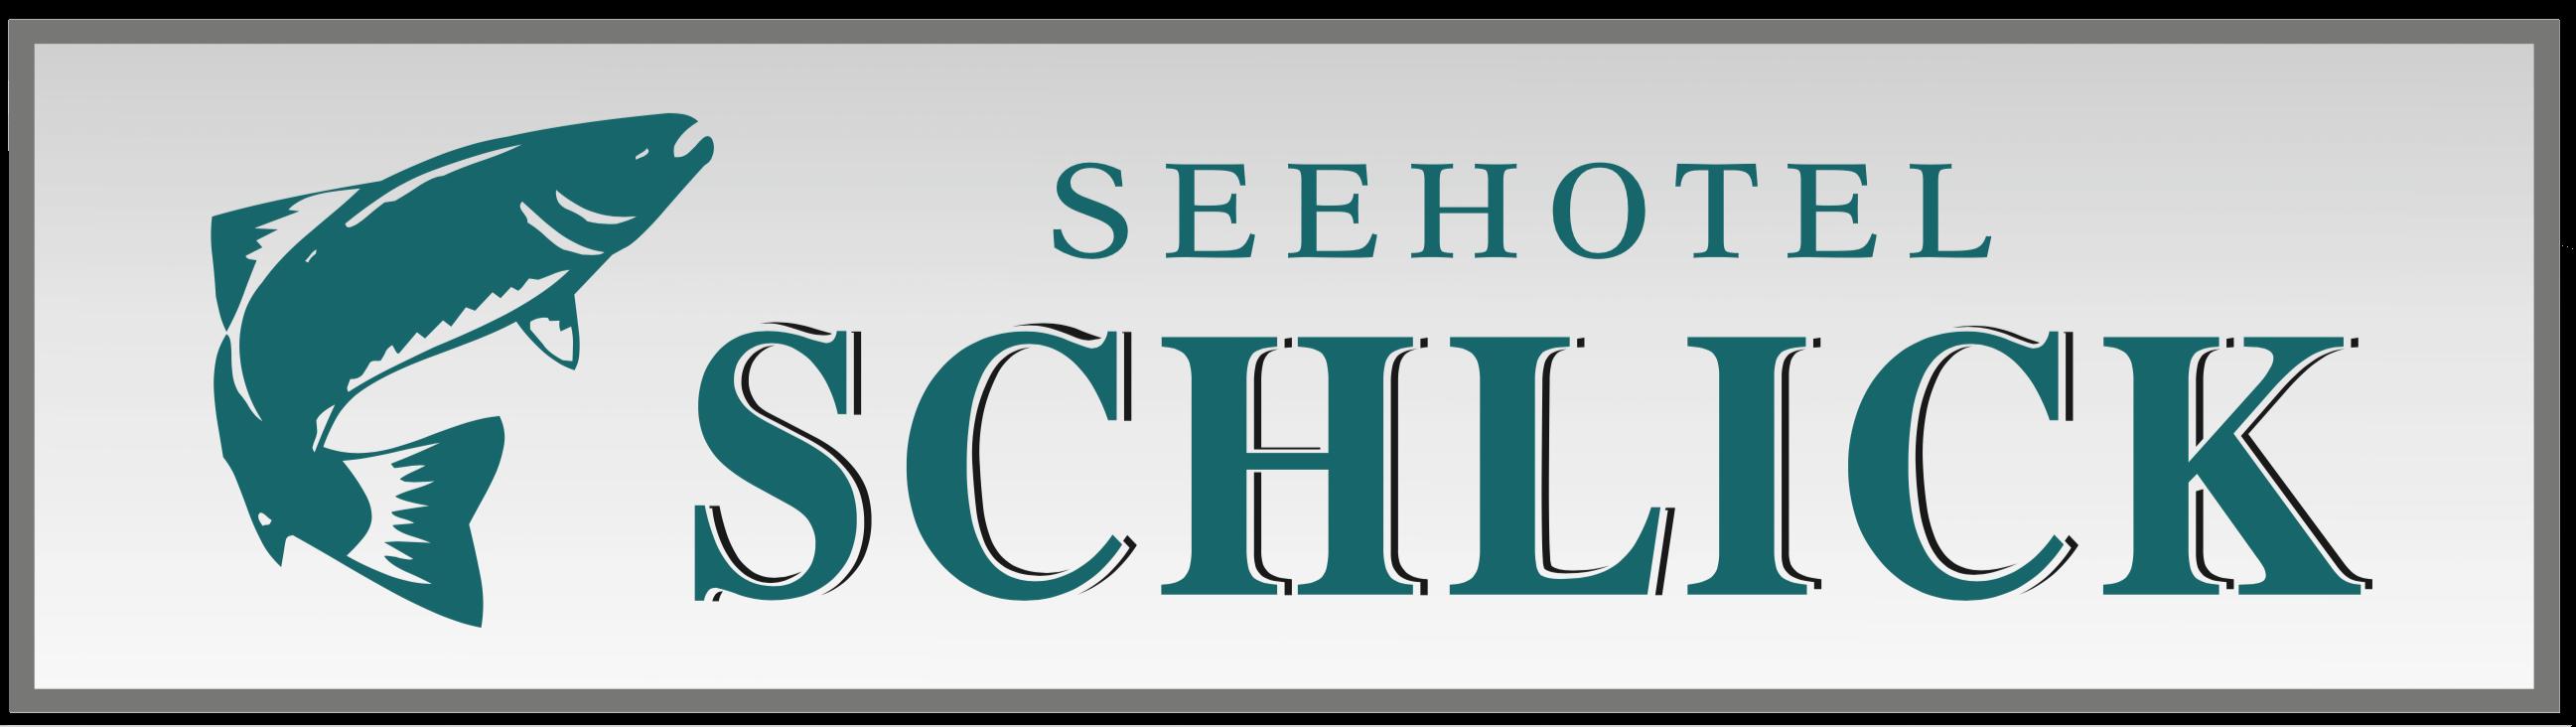 Seehotel Schlick - Familie Idinger | Das Restaurant im Seehotel Schlick in Fuschl am See, ist Ihre erste Anlaufstelle für Fischspezialitäten am Fuschlsee im Salzkammergut. Fischen Sie in einem der reinsten Seen Österreichs.